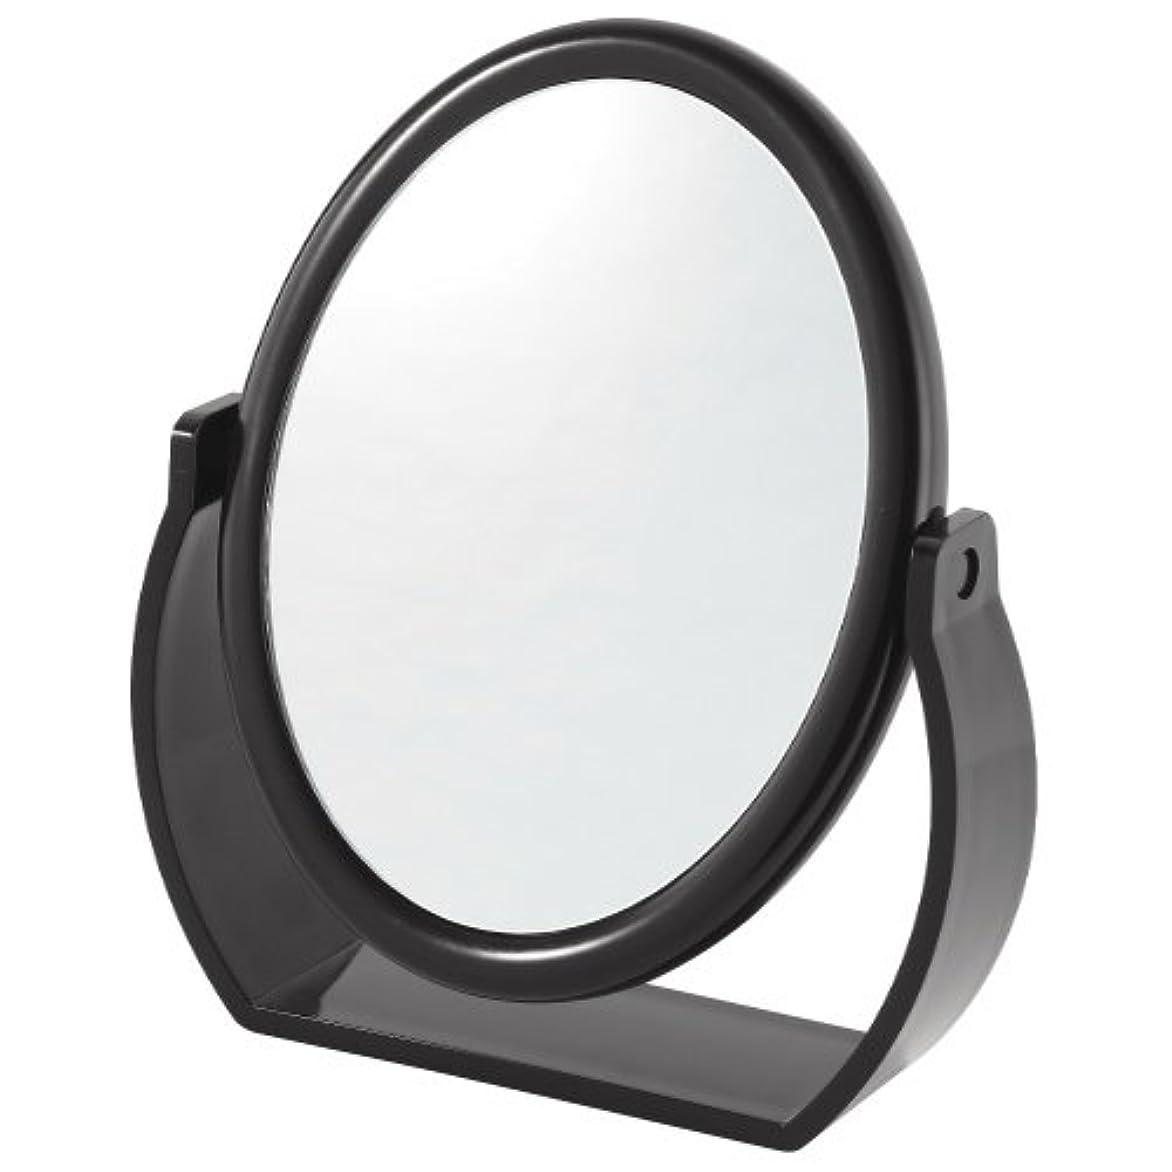 あいまいワゴン壮大な拡大鏡付スタンドミラー(約5倍)黒